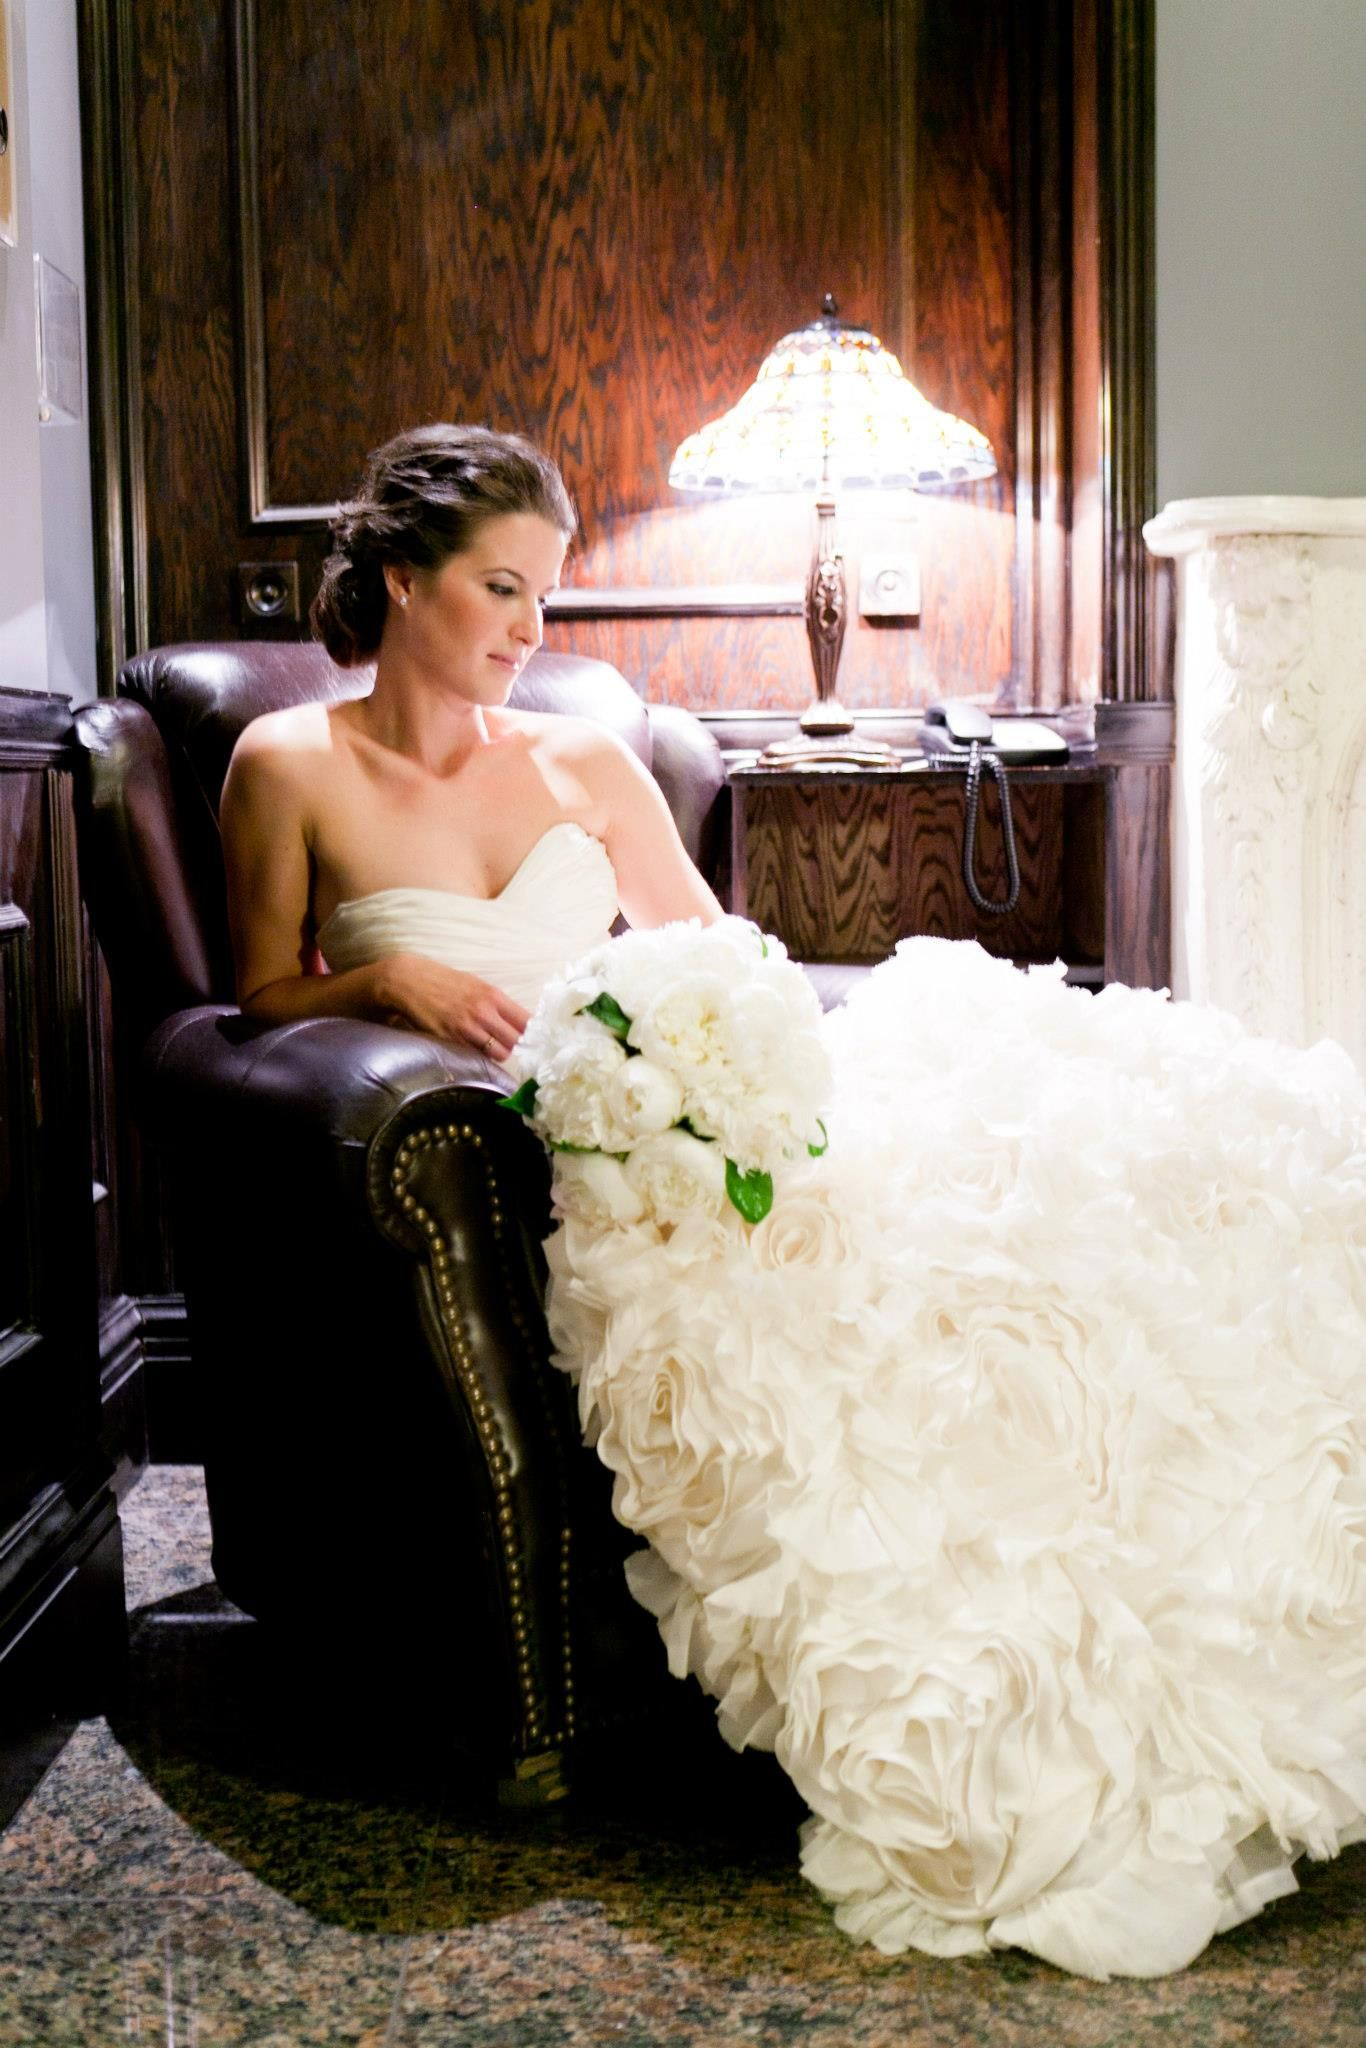 Monique Lhuillier Sunday Rose Size 3 Wedding Dress | Sunday rose ...